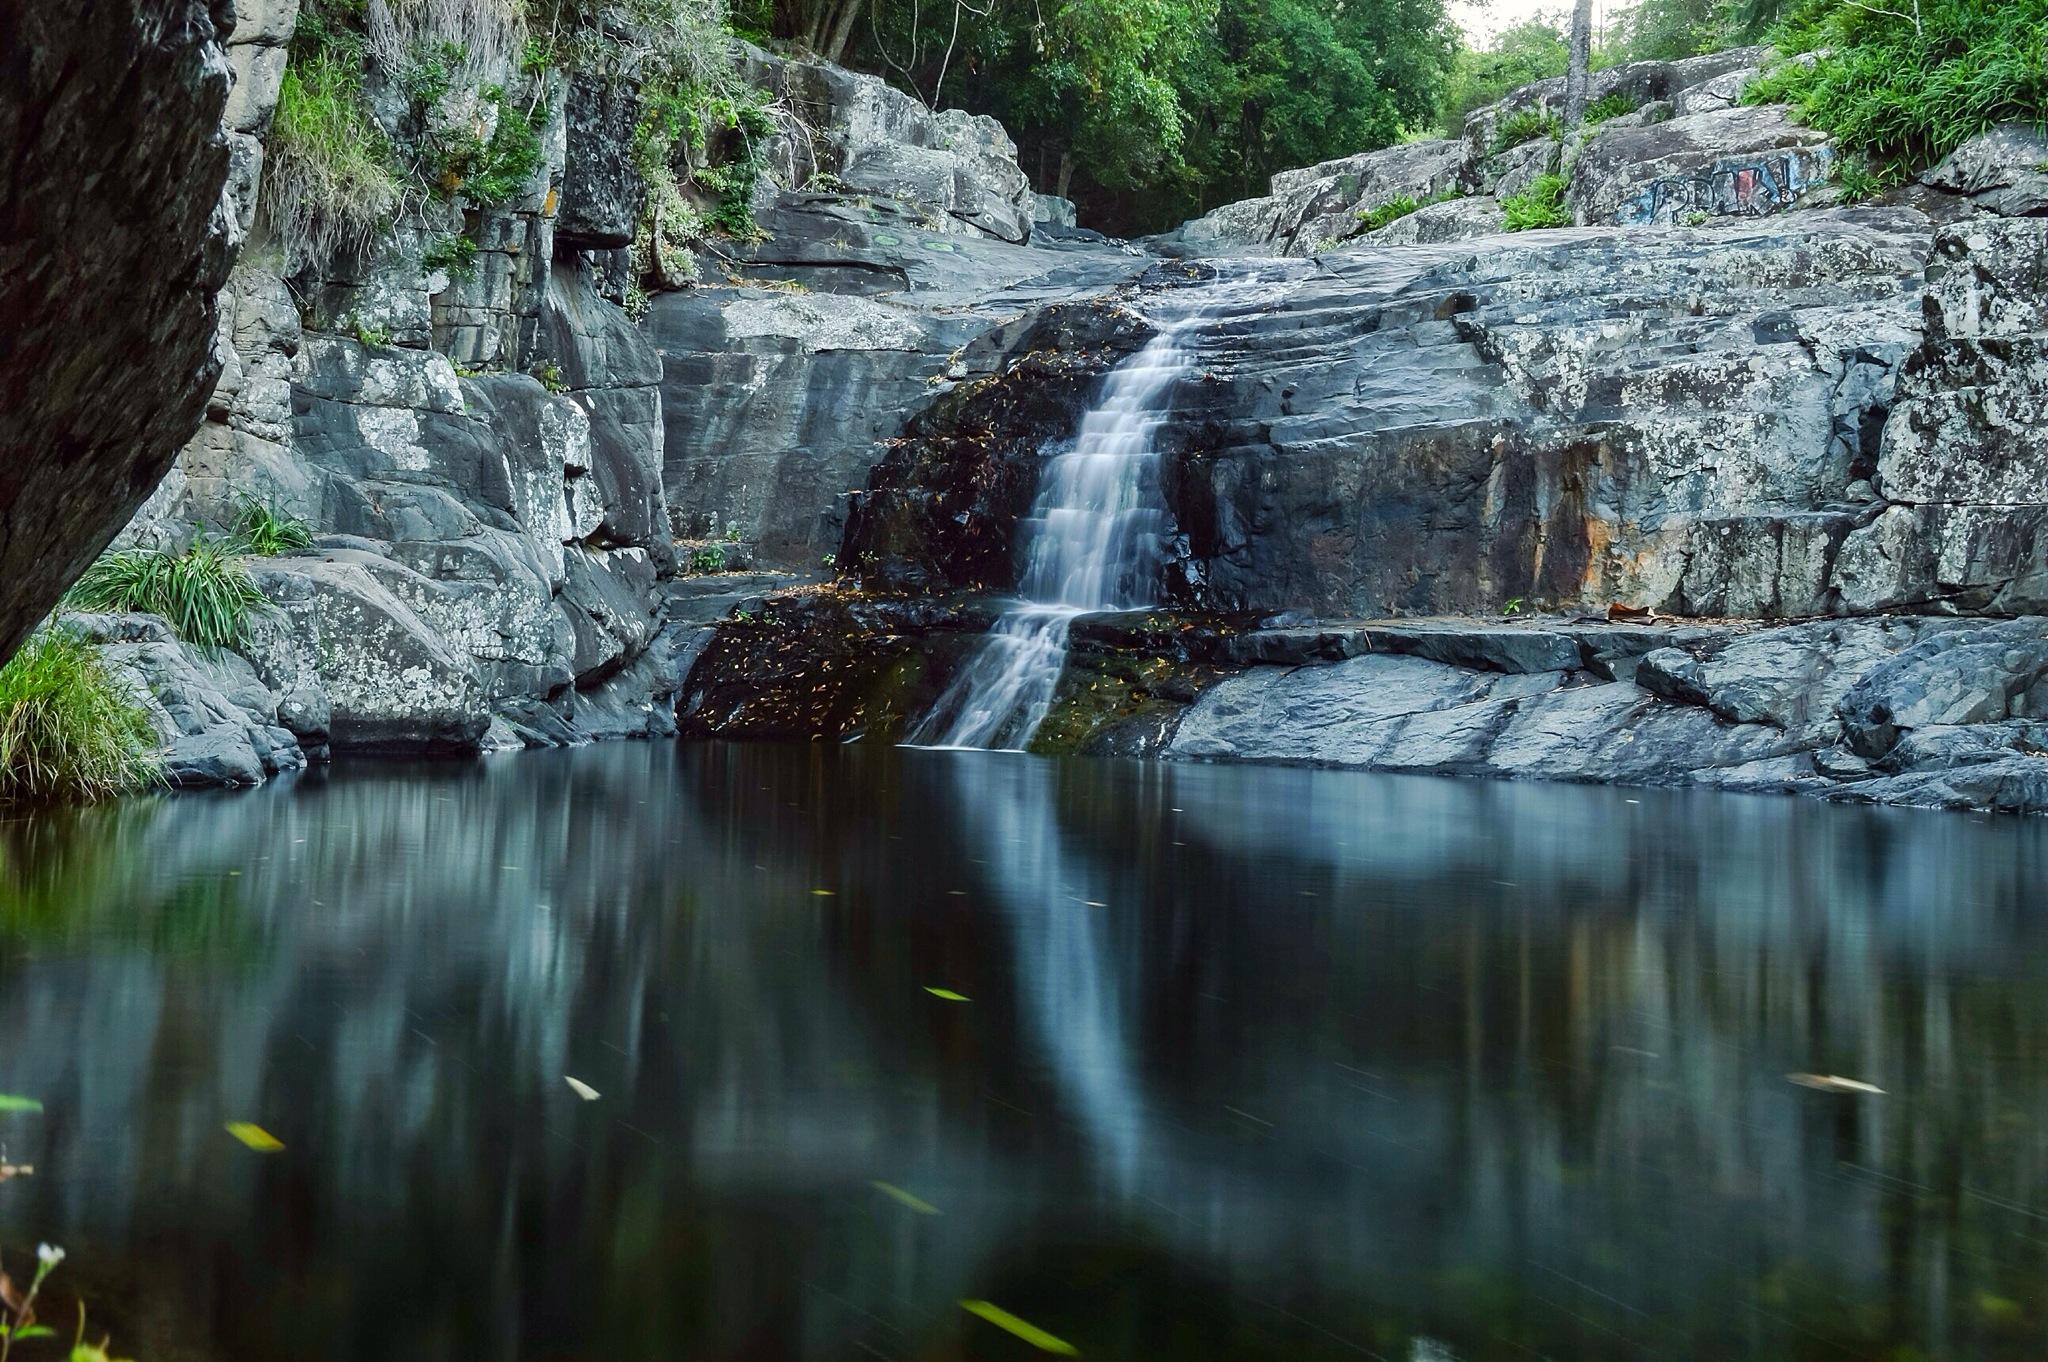 Outdoors_Exploring-Queenslands-backyard-treasures_11.jpg